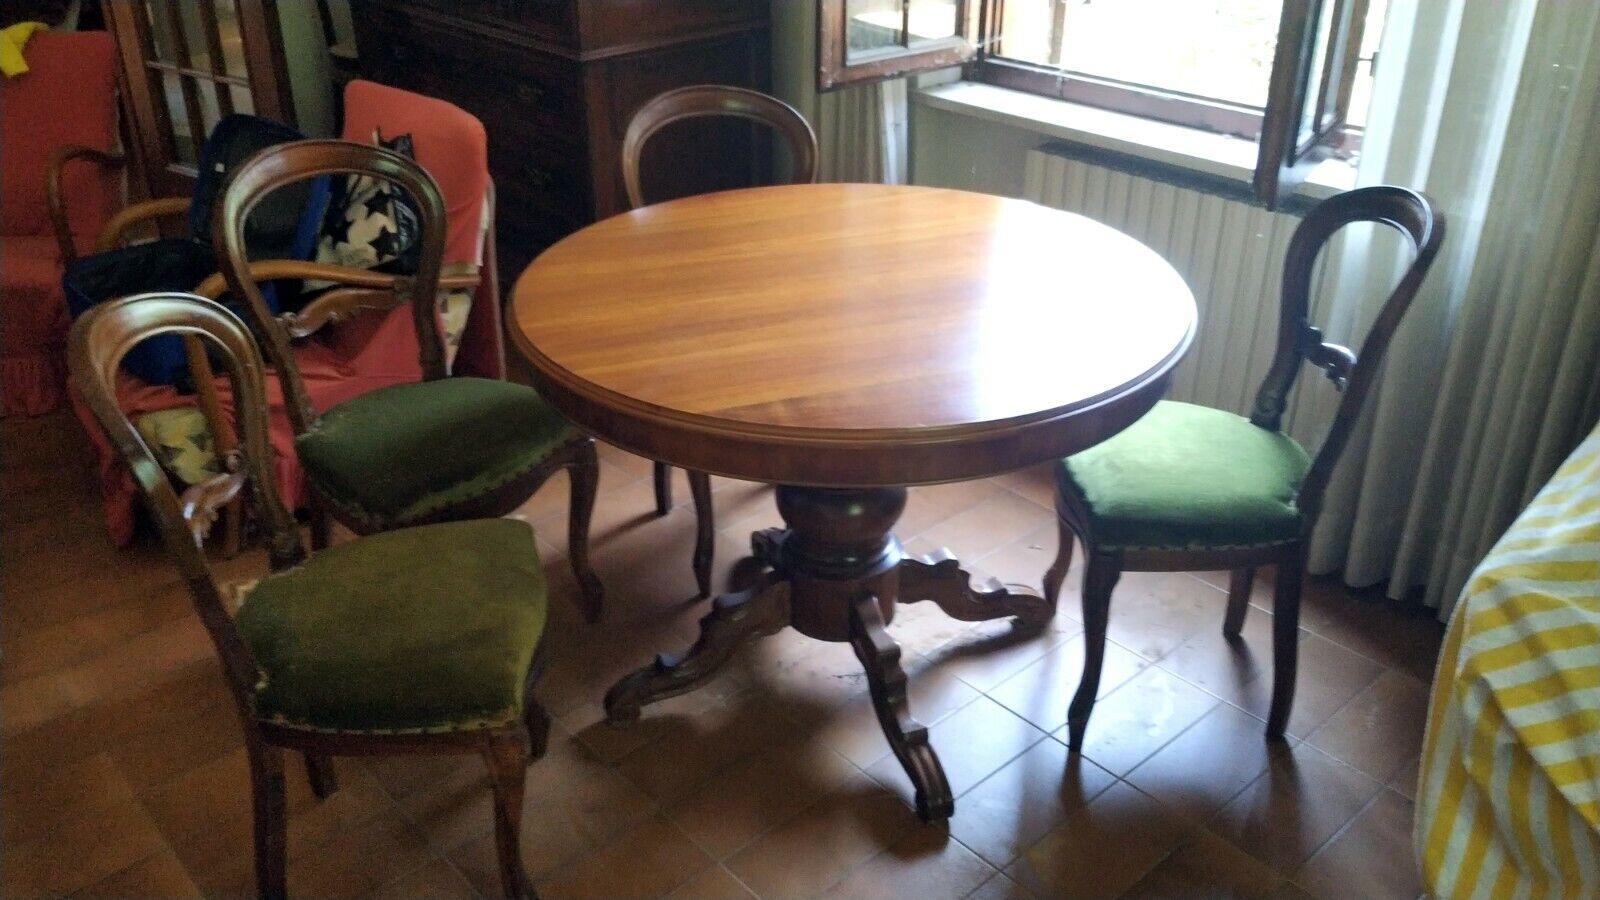 Tavolo Con Sedie Classico Soggiorno Mobili E Accessori Per La Casa Kijiji Annunci Di Ebay